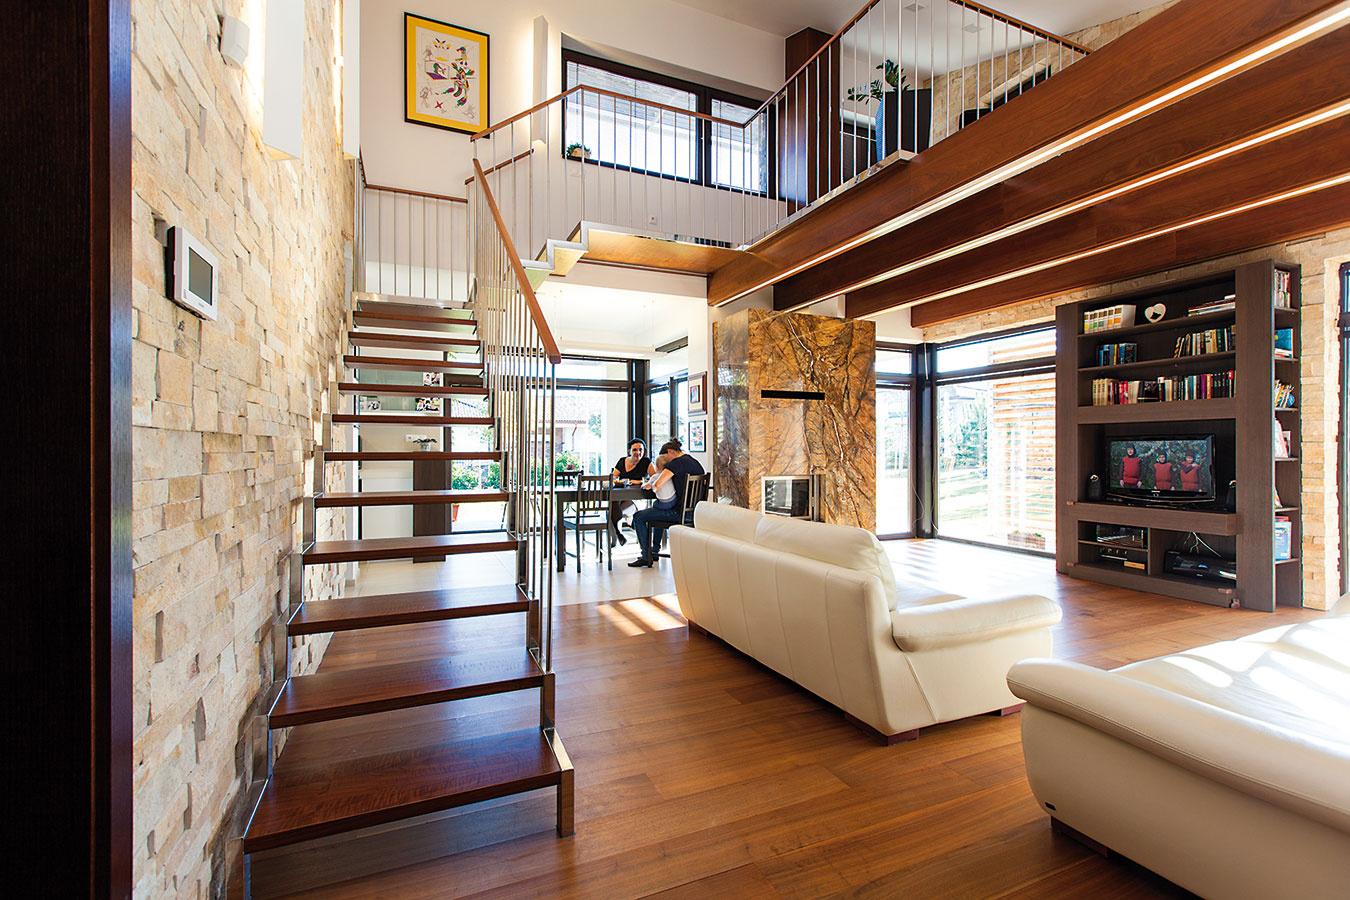 """Pocit zpriestoru vdennej časti zásadne ovplyvnila vyvýšená galéria, kde sa nachádza pracovňa. """"Obývačka tu má výšku až 5m, vďaka čomu získal priestor vzdušnosť,"""" vysvetľuje architekt Rusnák. Súkromie pracovne, ktorá neslúži zároveň ako hosťovská izba, oceňuje aj domáca pani."""